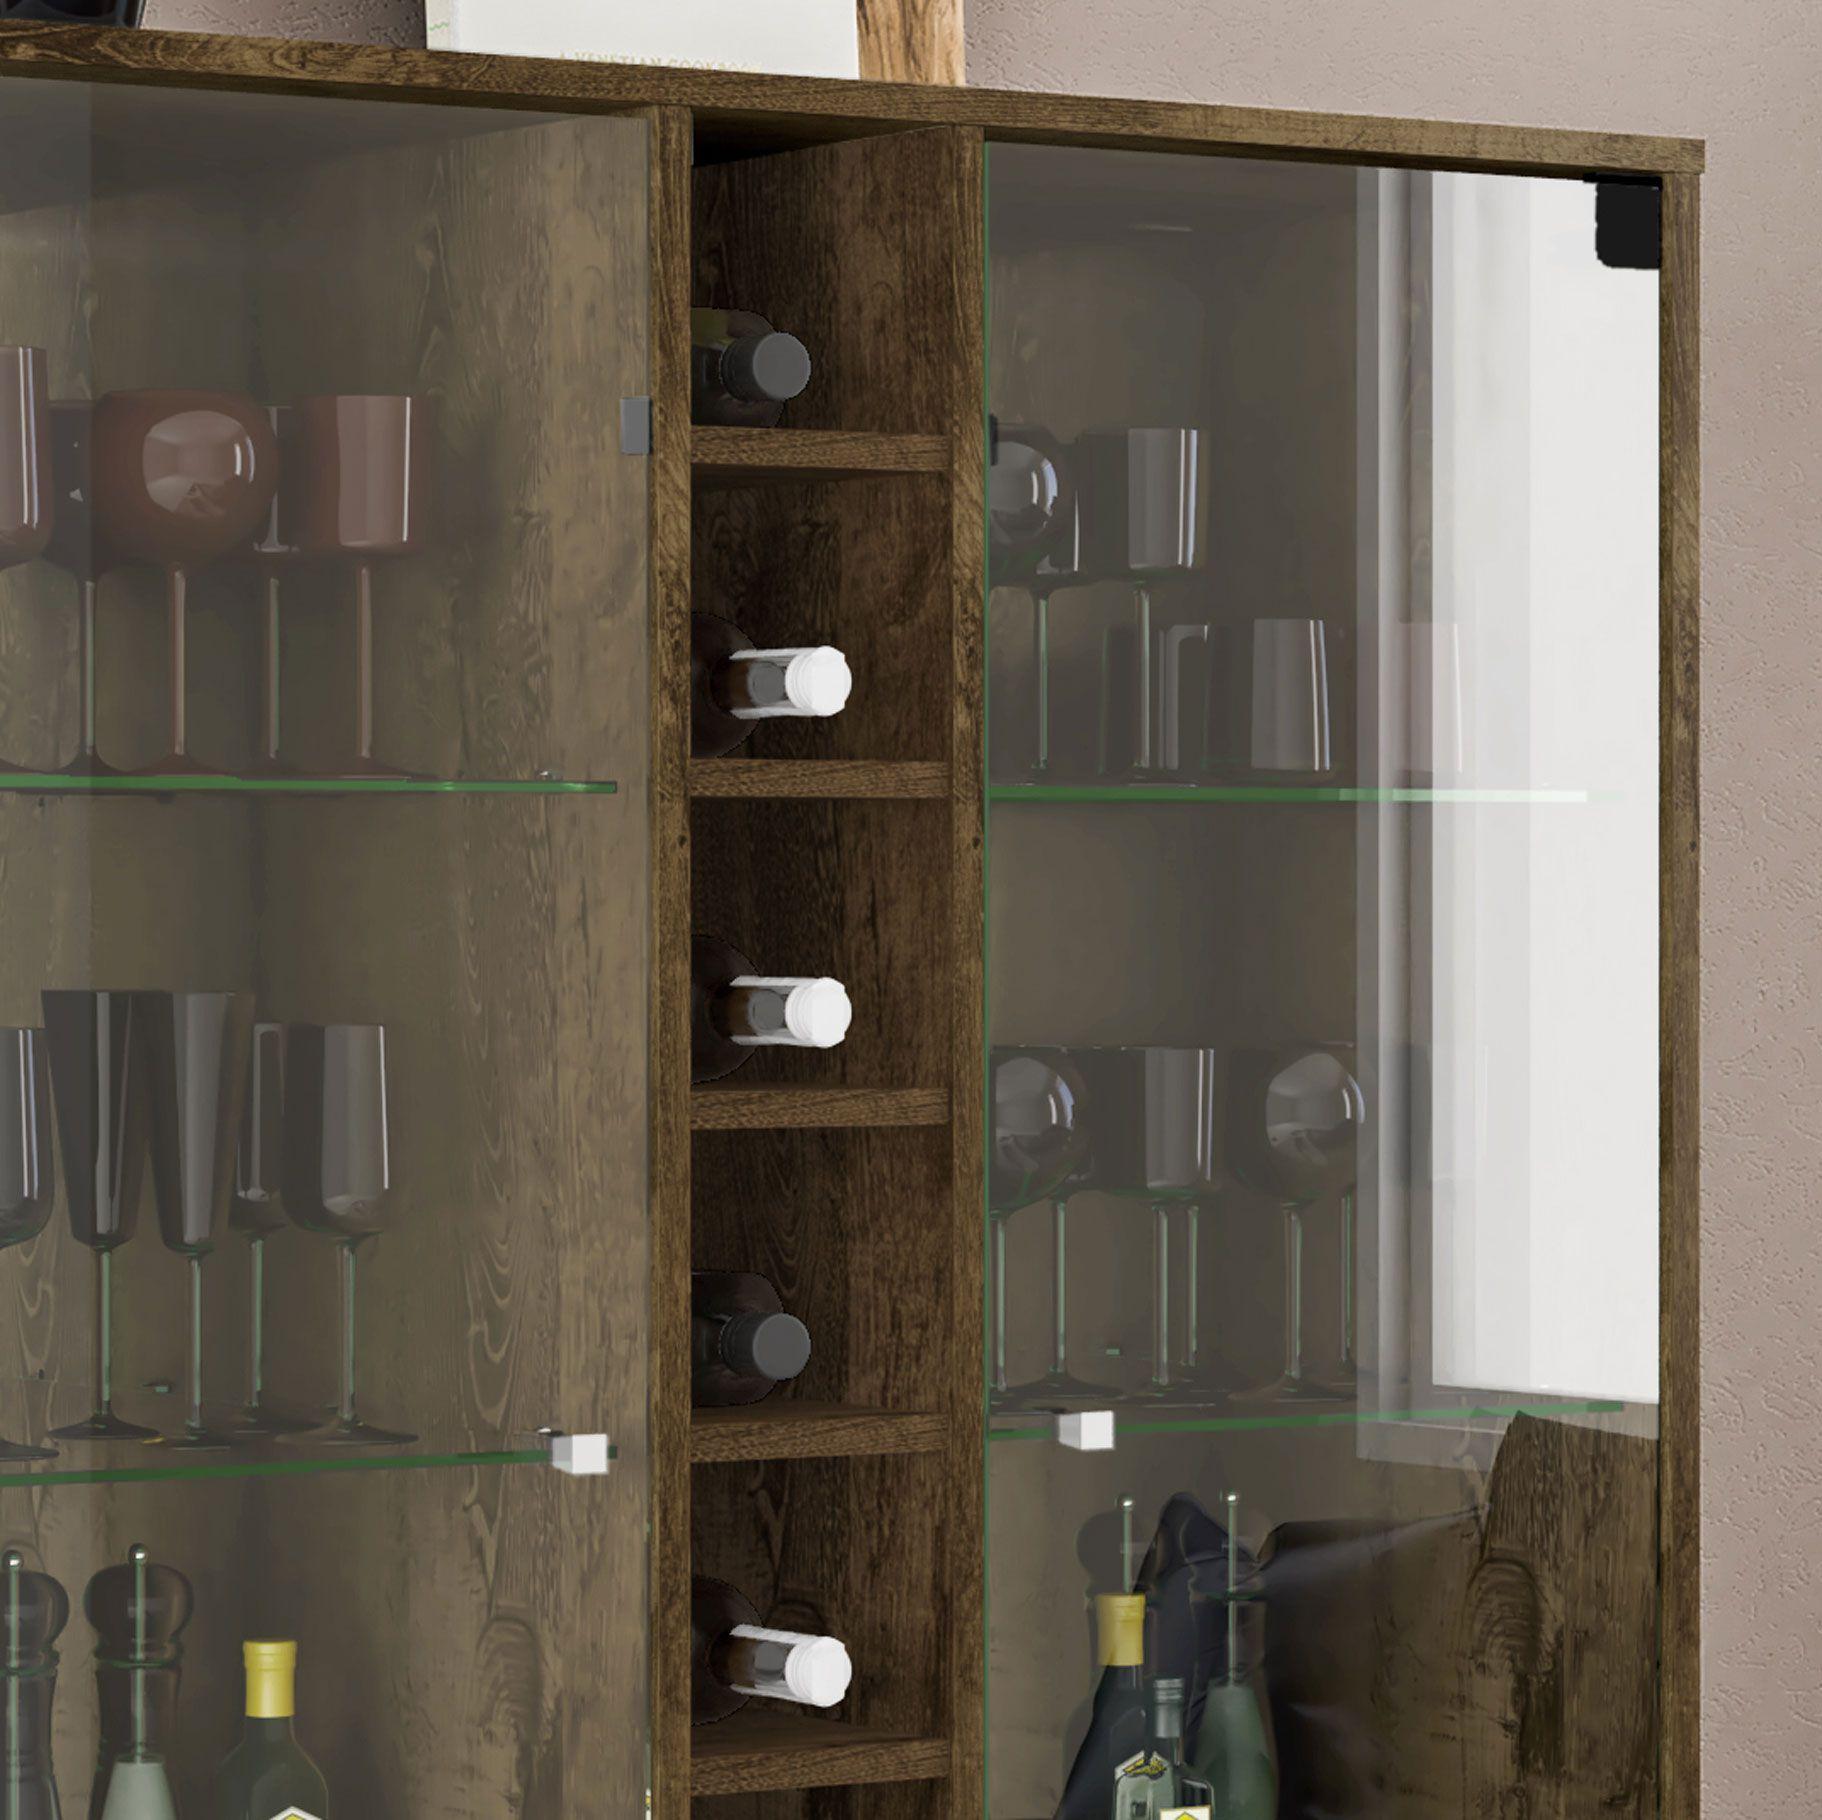 Cristaleira Módena Madeira Rústica - Móveis Bechara